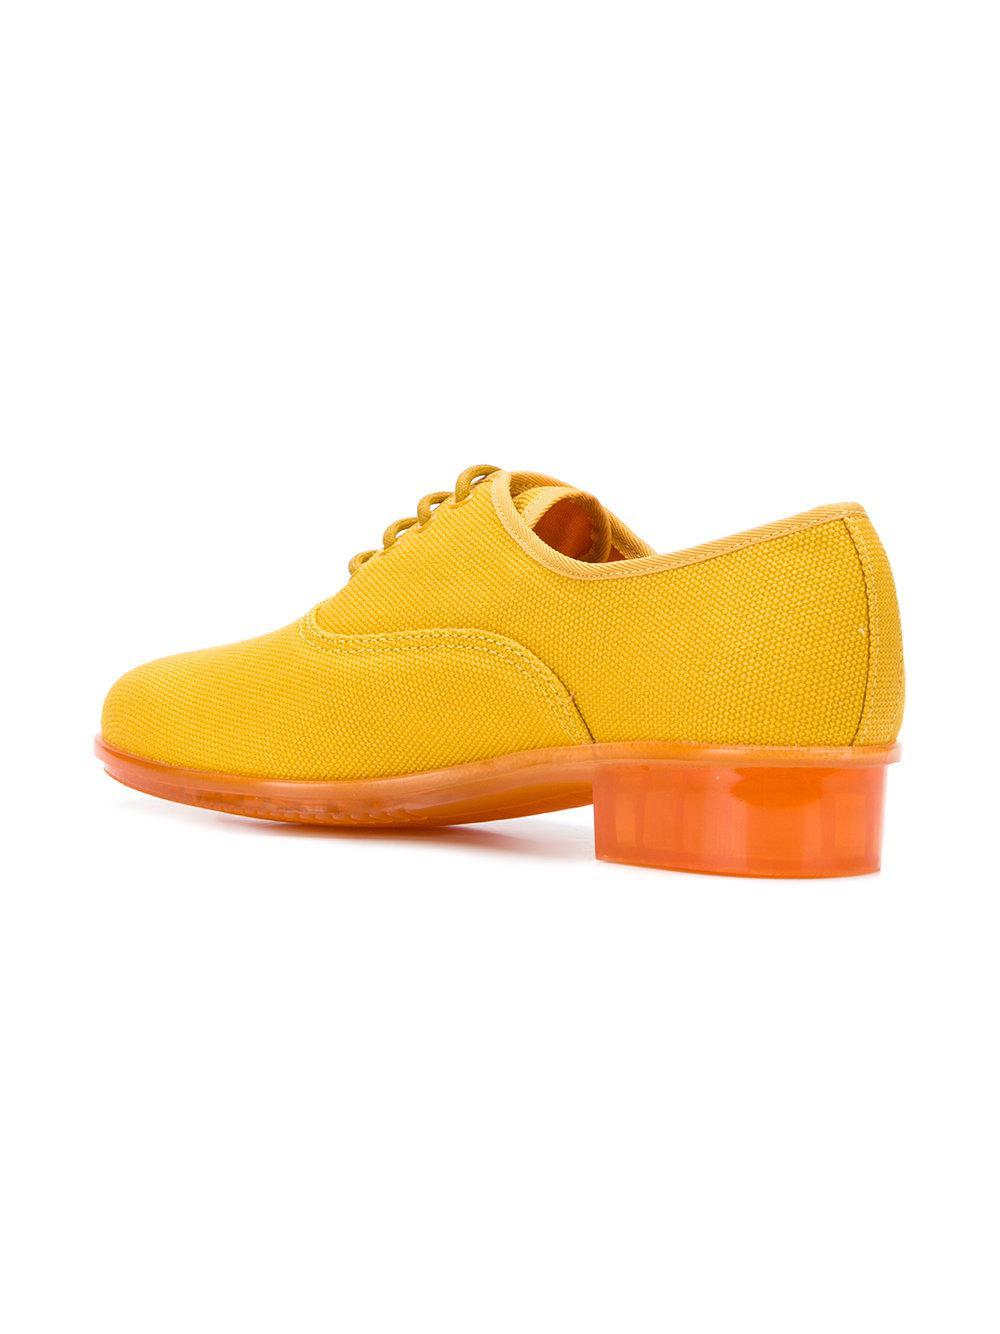 Camping Chaussures De Jazz Casi - Jaune Et Orange HzVGqU64s9